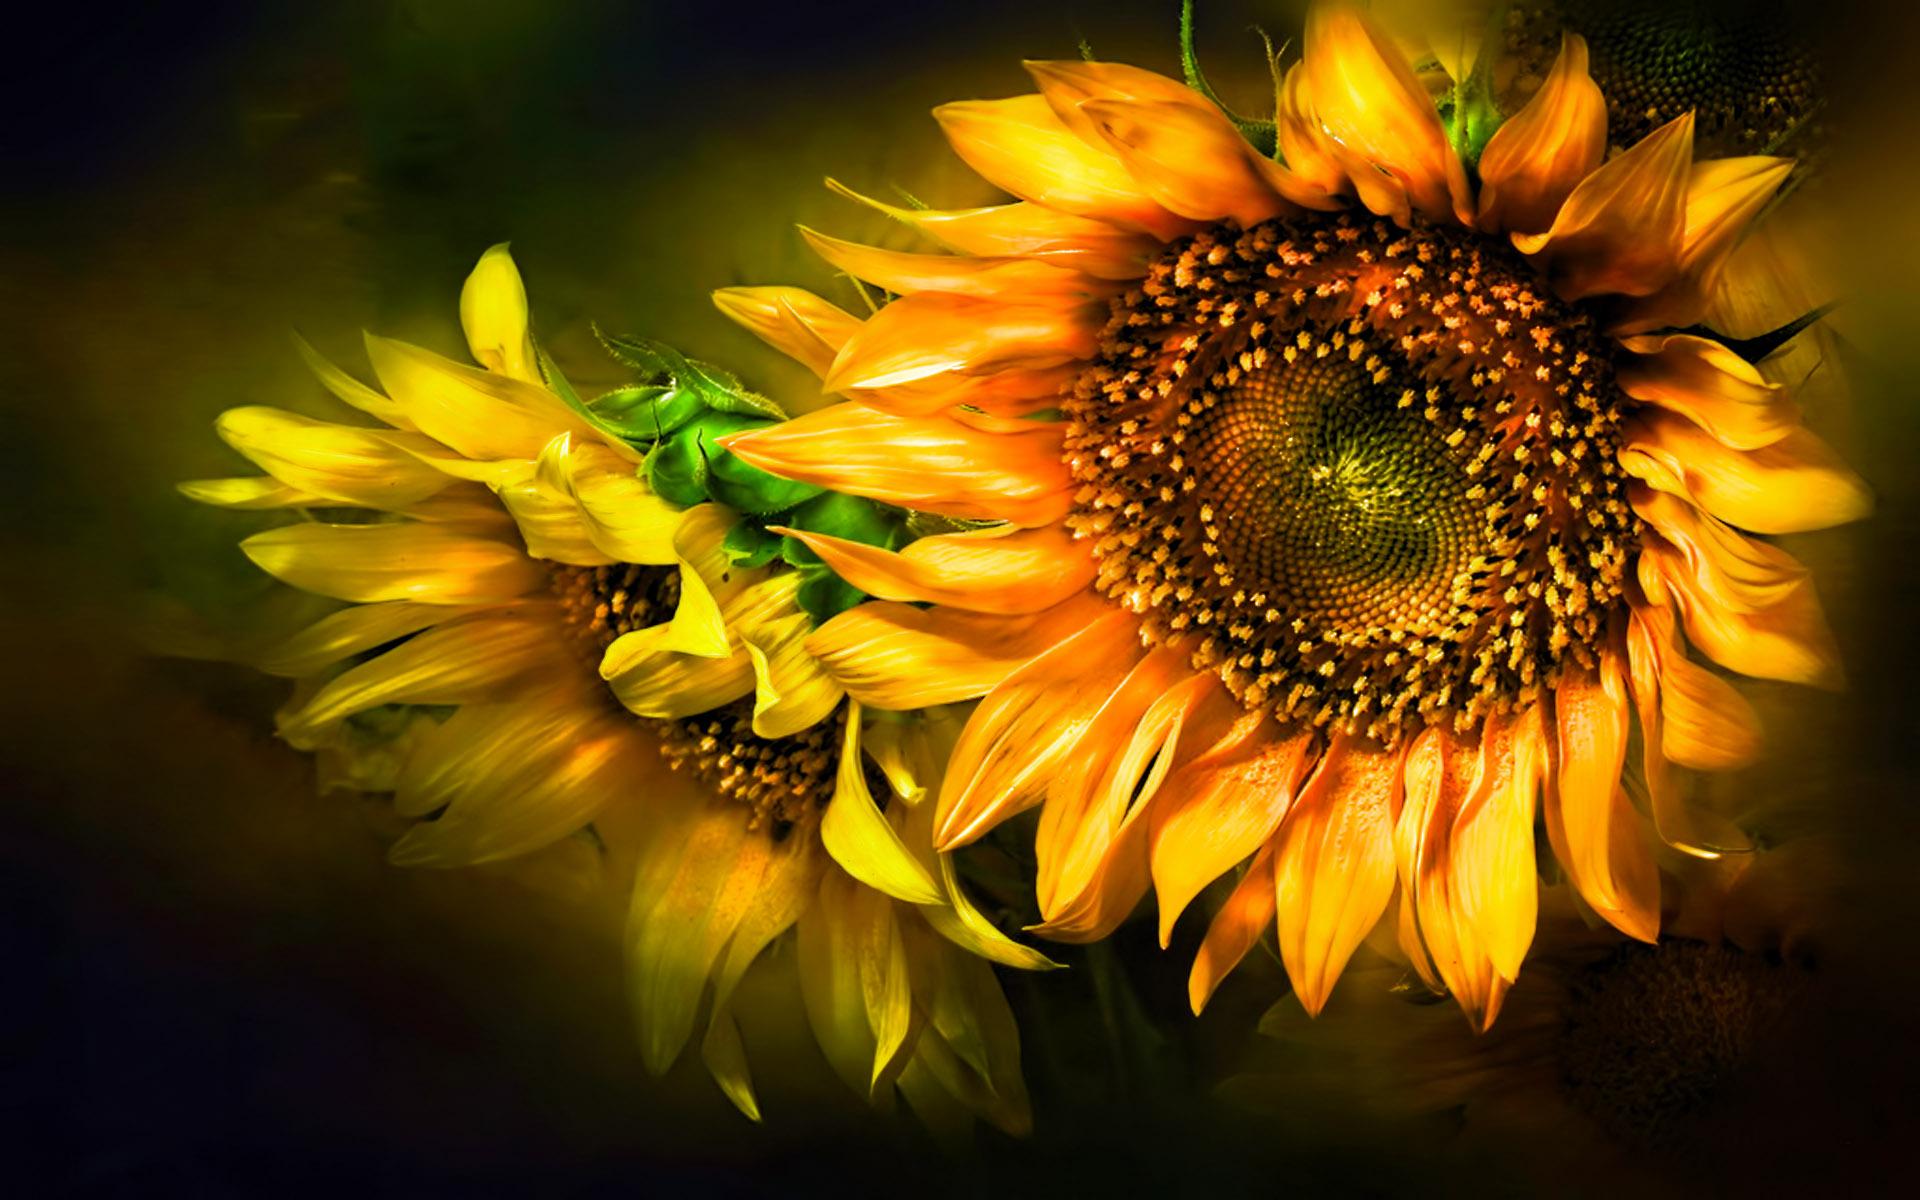 sunflower wallpapers WallpaperUP